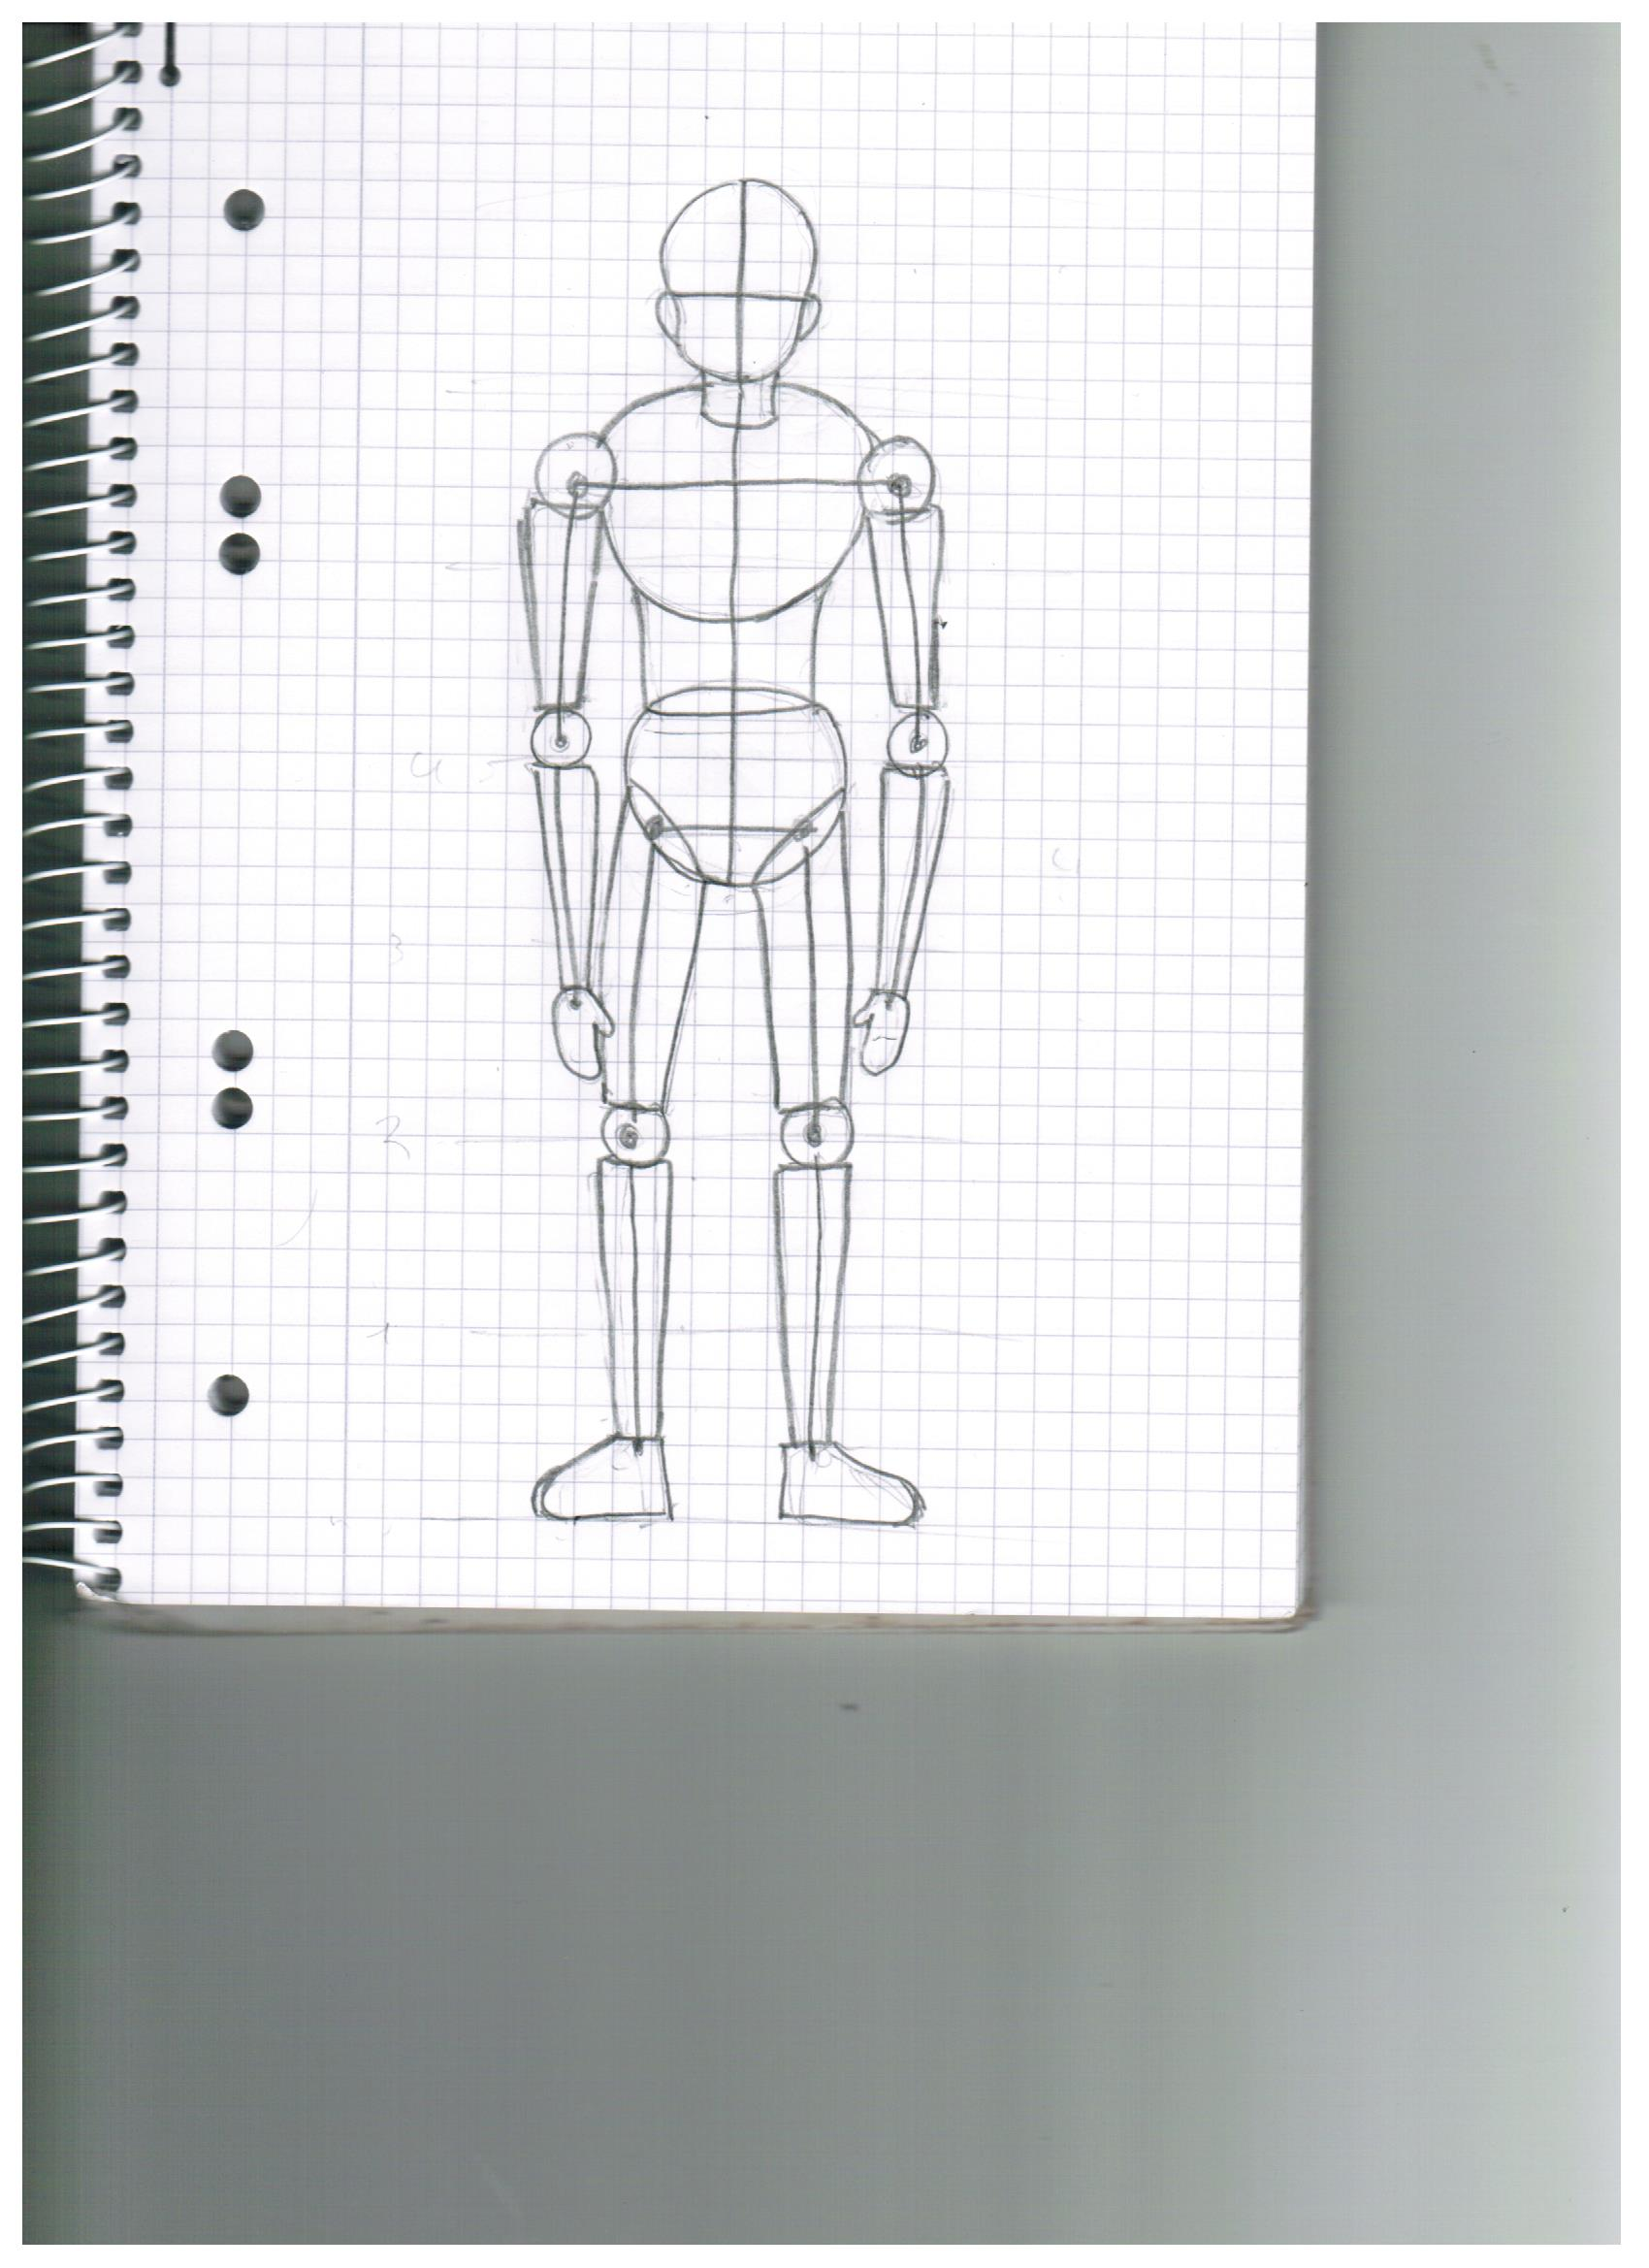 Niedlich Anatomie In Der Kunst Zeitgenössisch - Anatomie Ideen ...